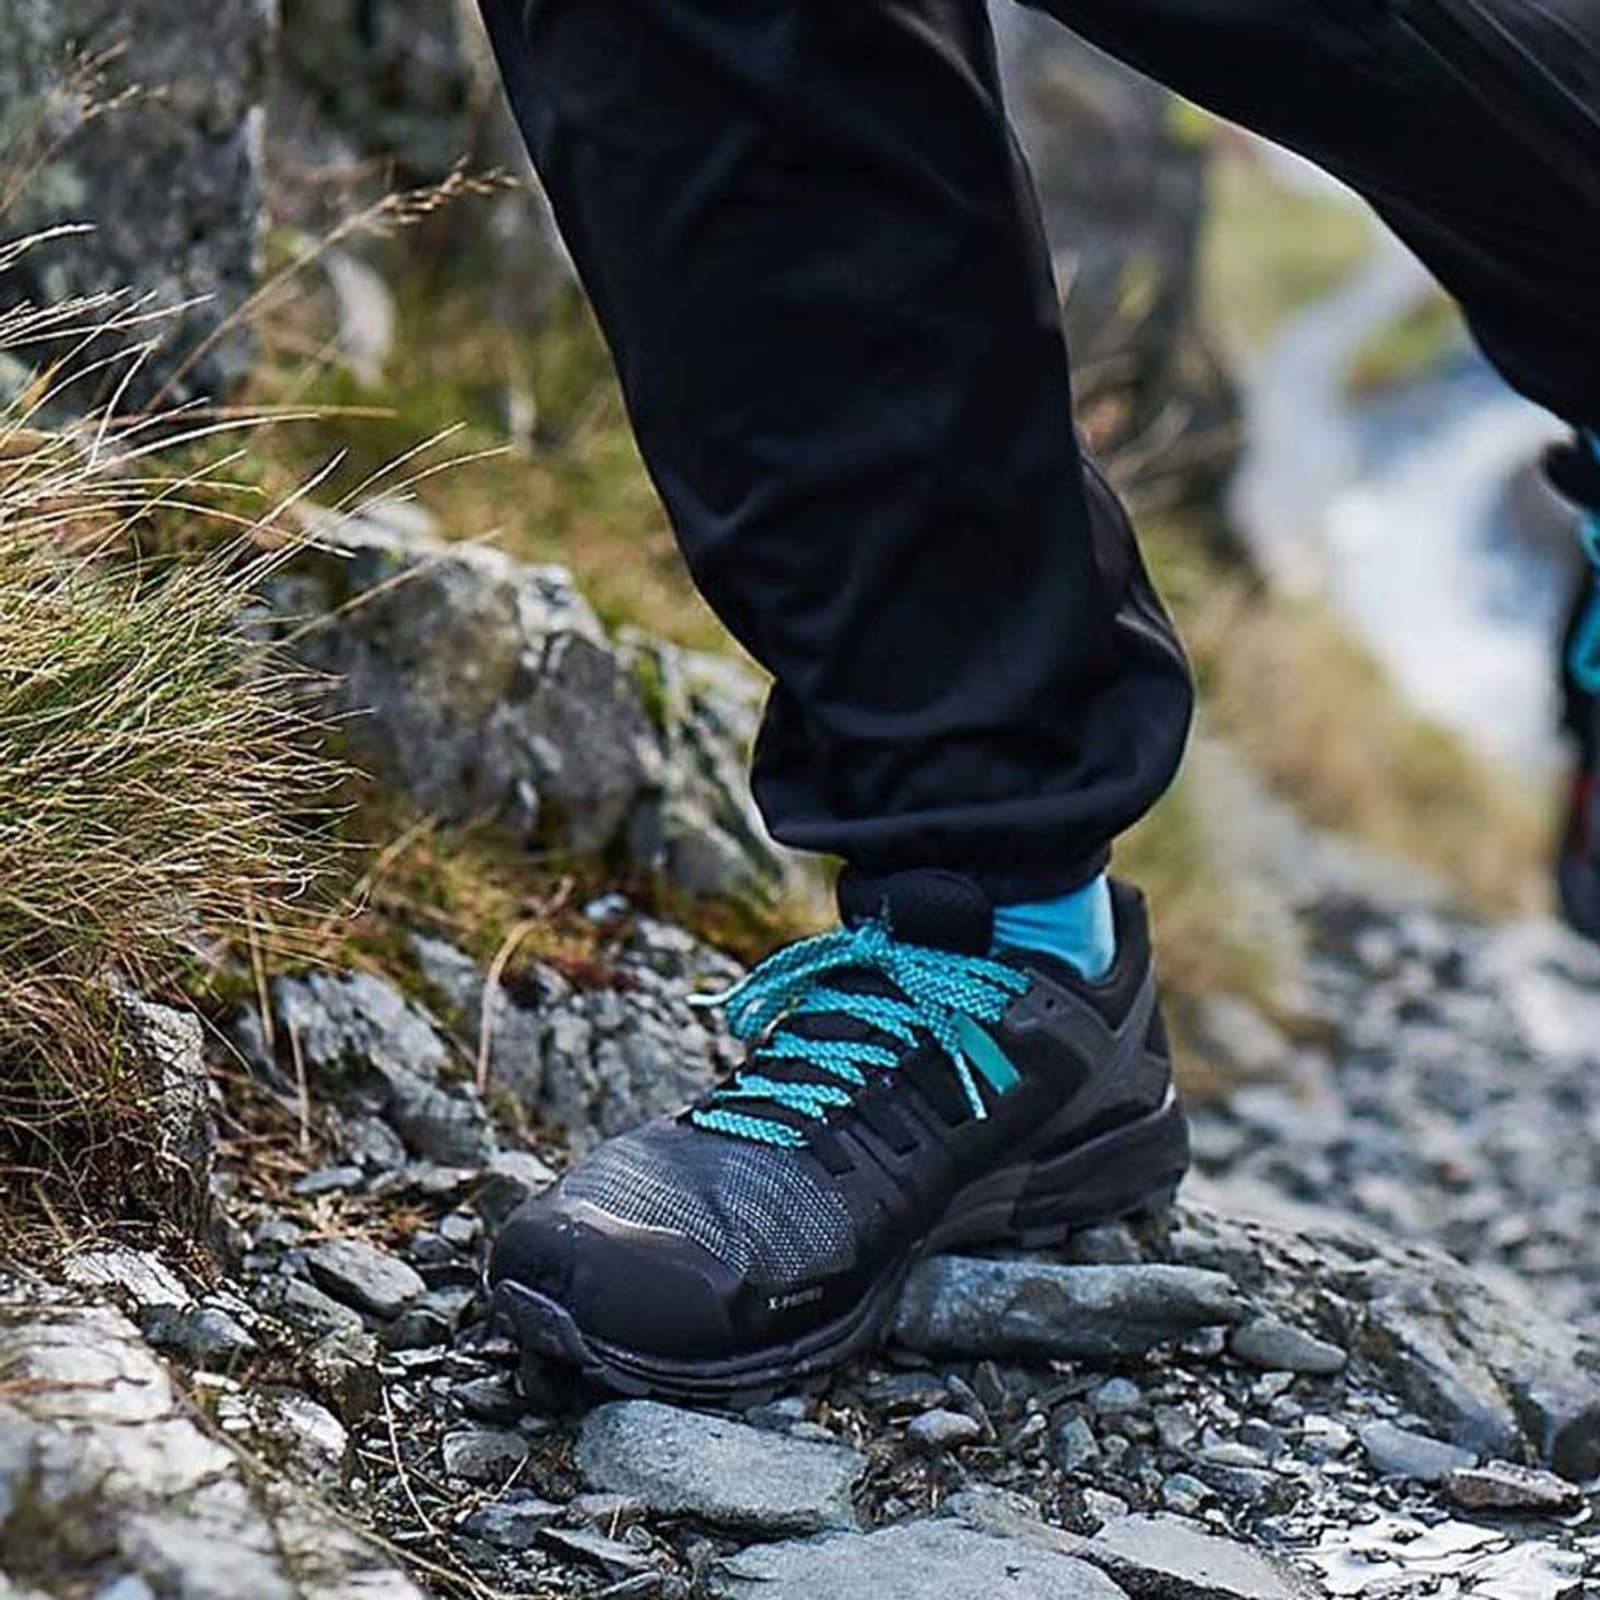 separation shoes d3298 be6d3 Inov-8 Roclite 315 (Grey/Black/Blue)